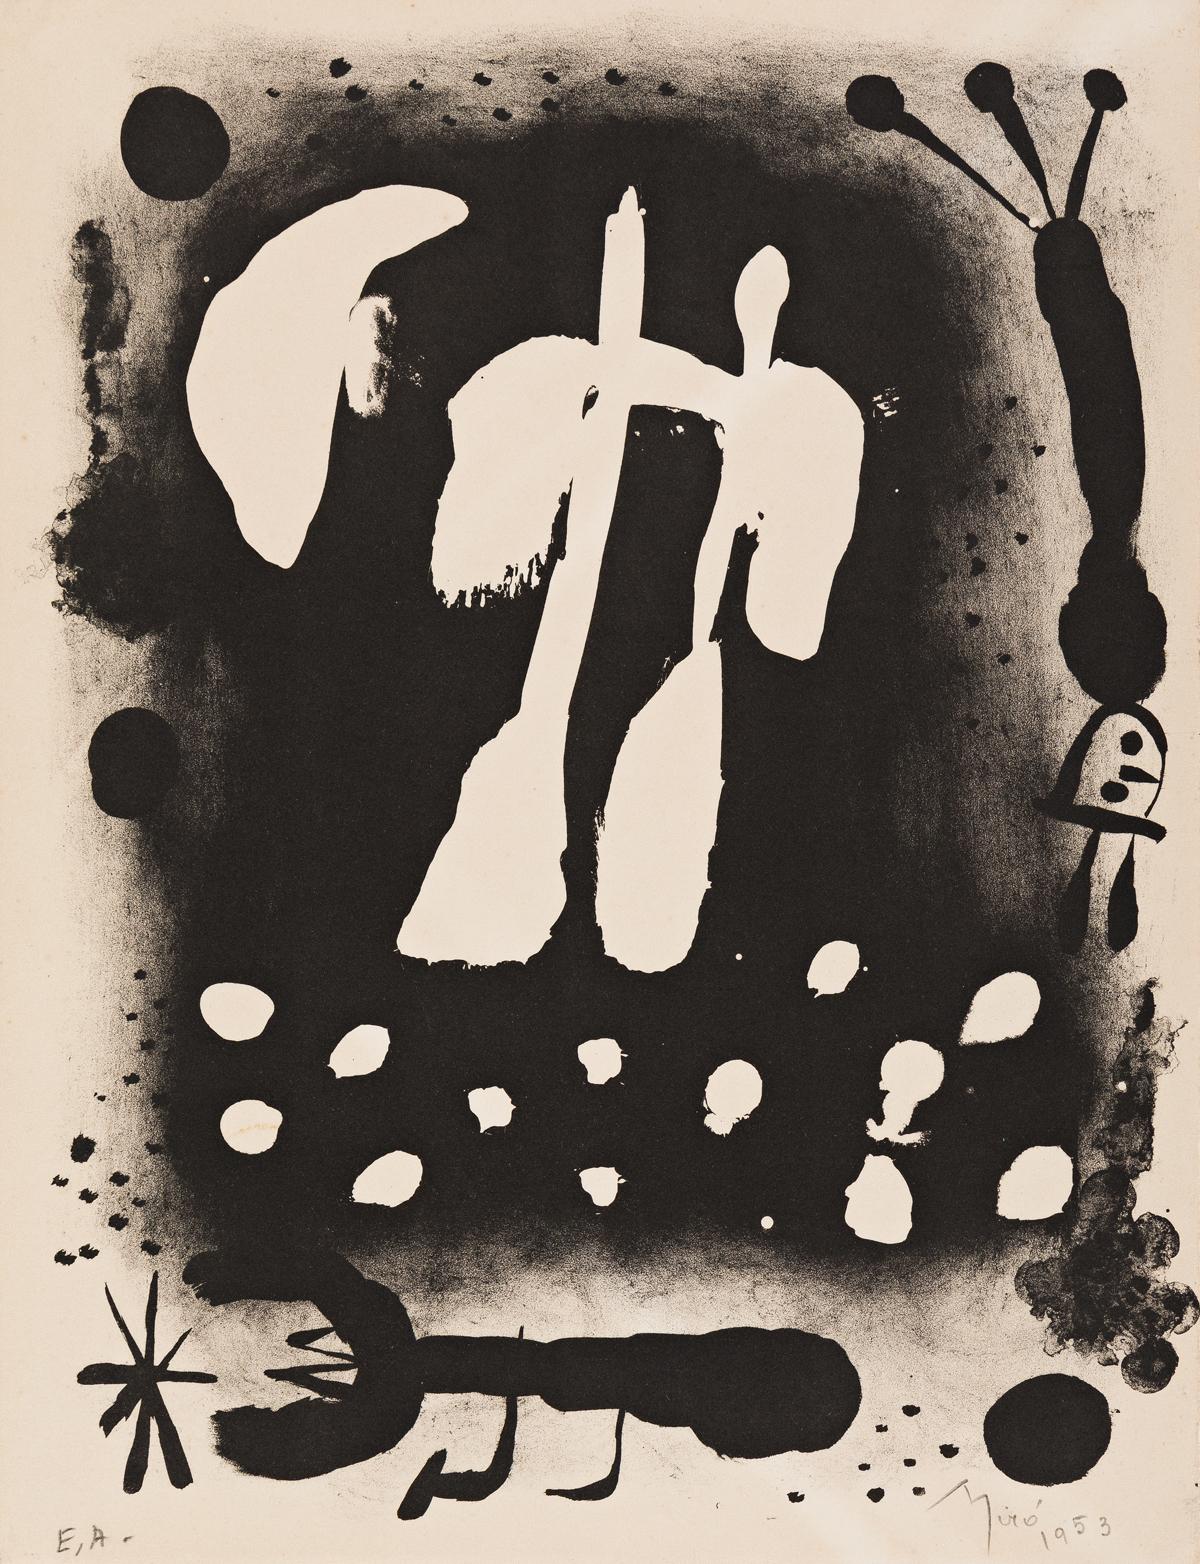 JOAN MIRÓ Catalogue de lexposition Recent paintings 1953 a` loccasion du 60e anniversaire de lartiste.